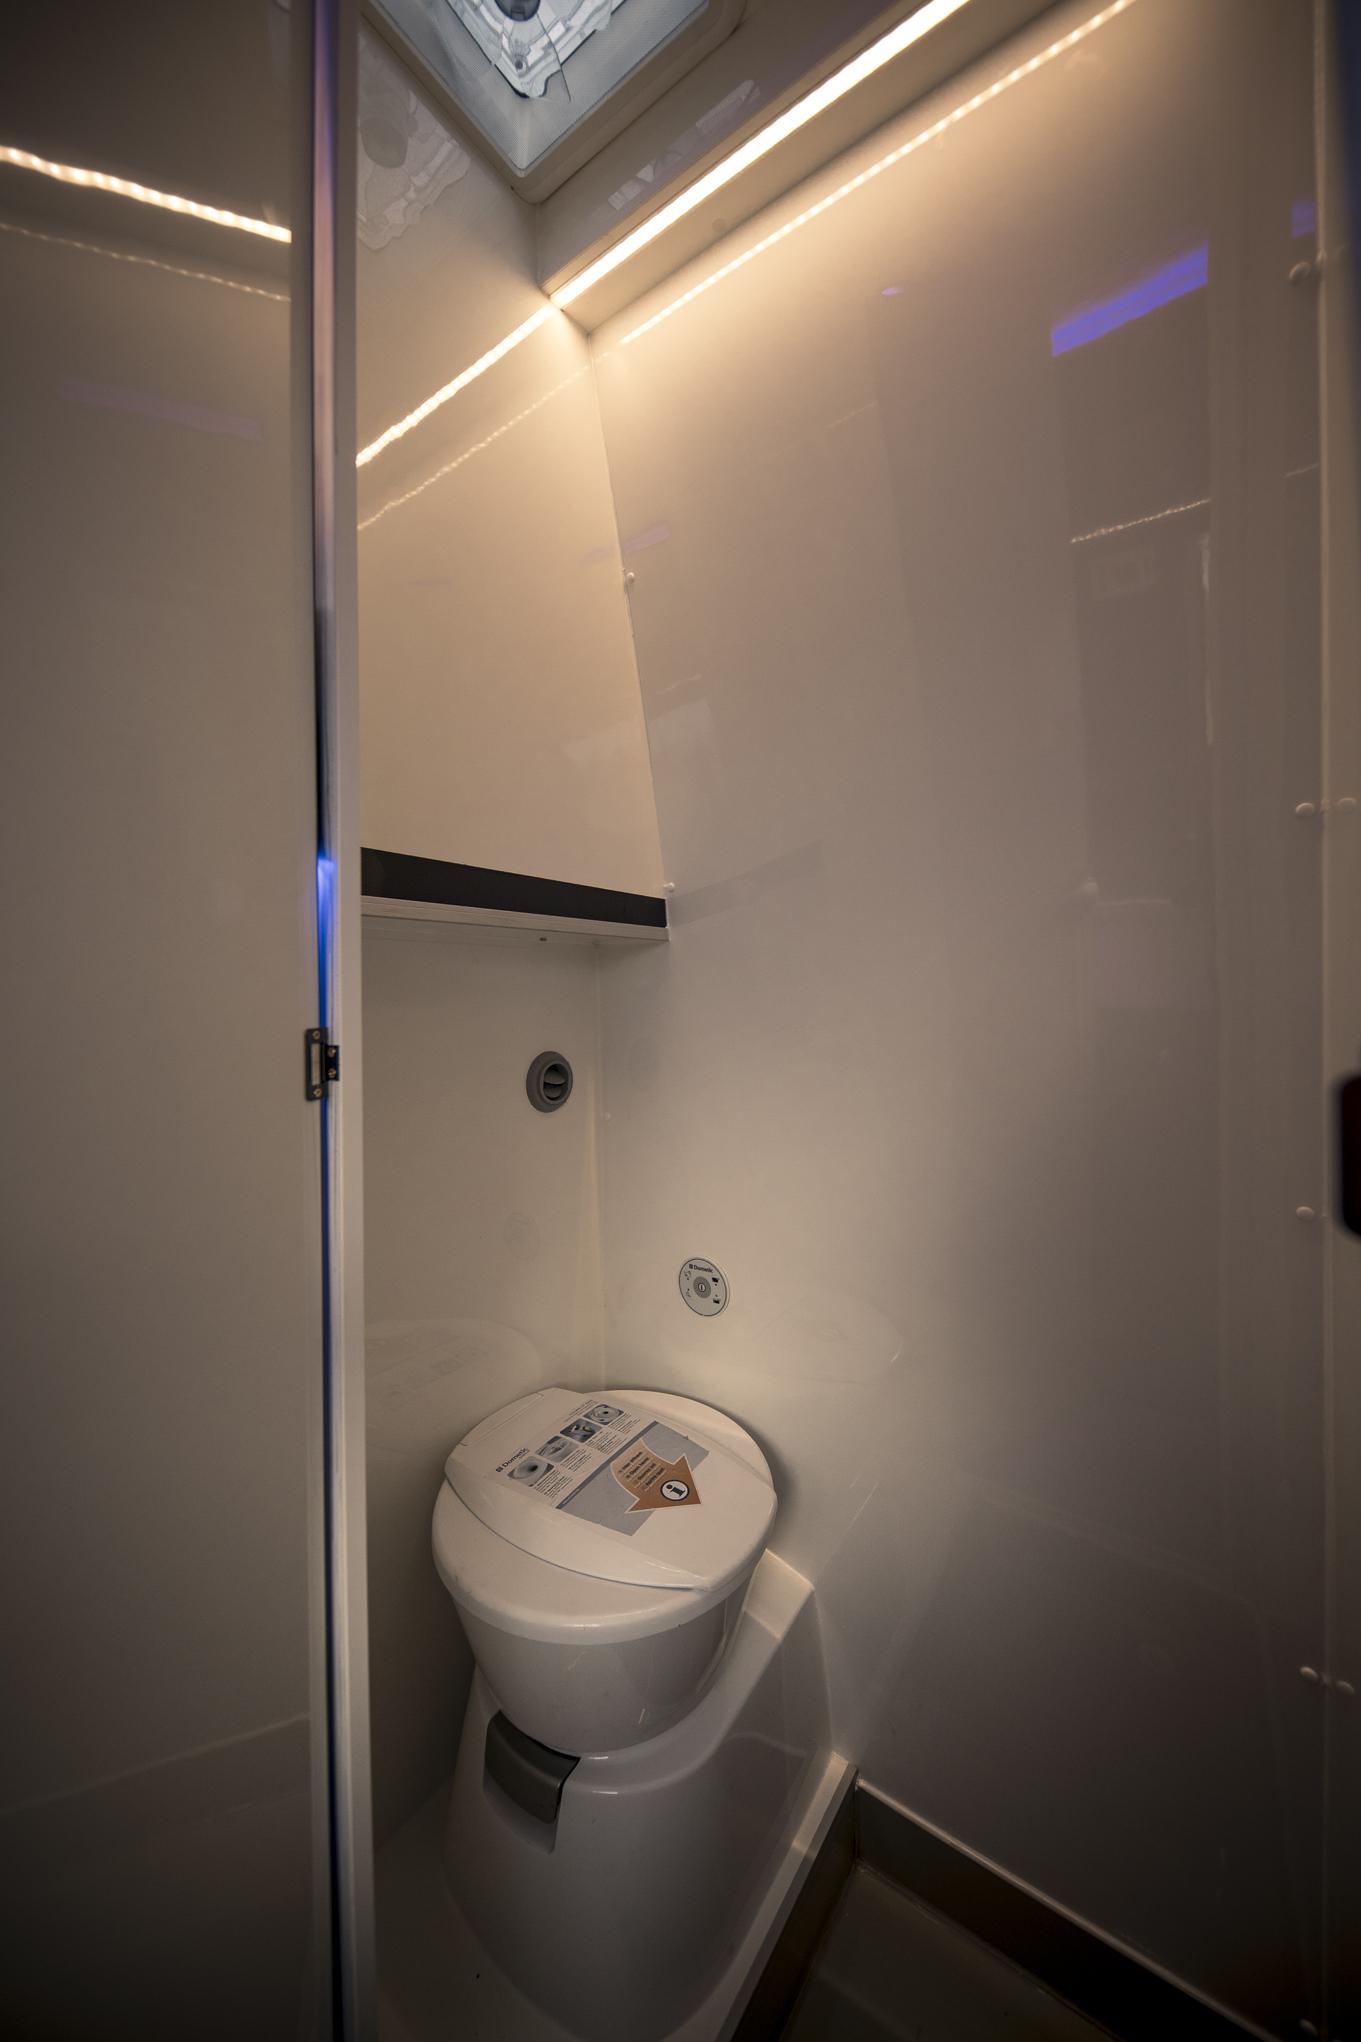 Dusche im Wohnmobil groß genug und kann auch ideal als Schrank und Drockenraum genutzt werde! keine Schnickschnack!